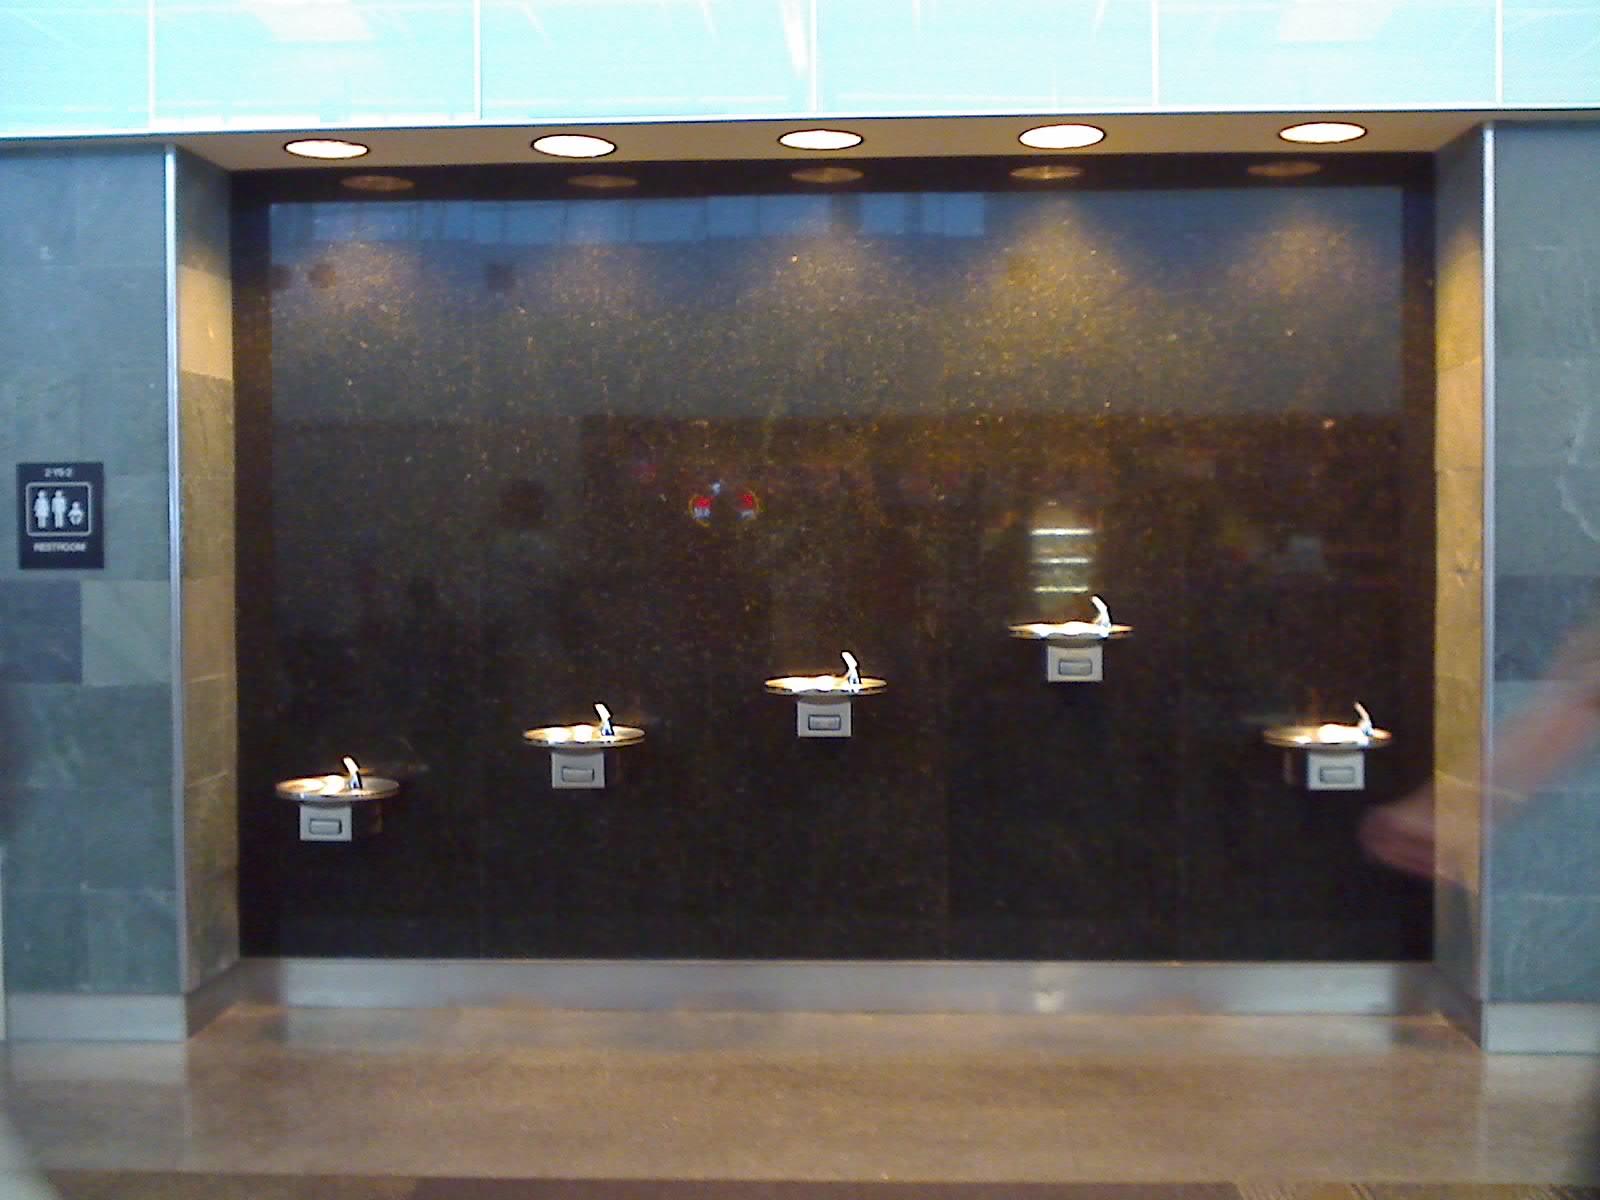 hobby airport water fountain